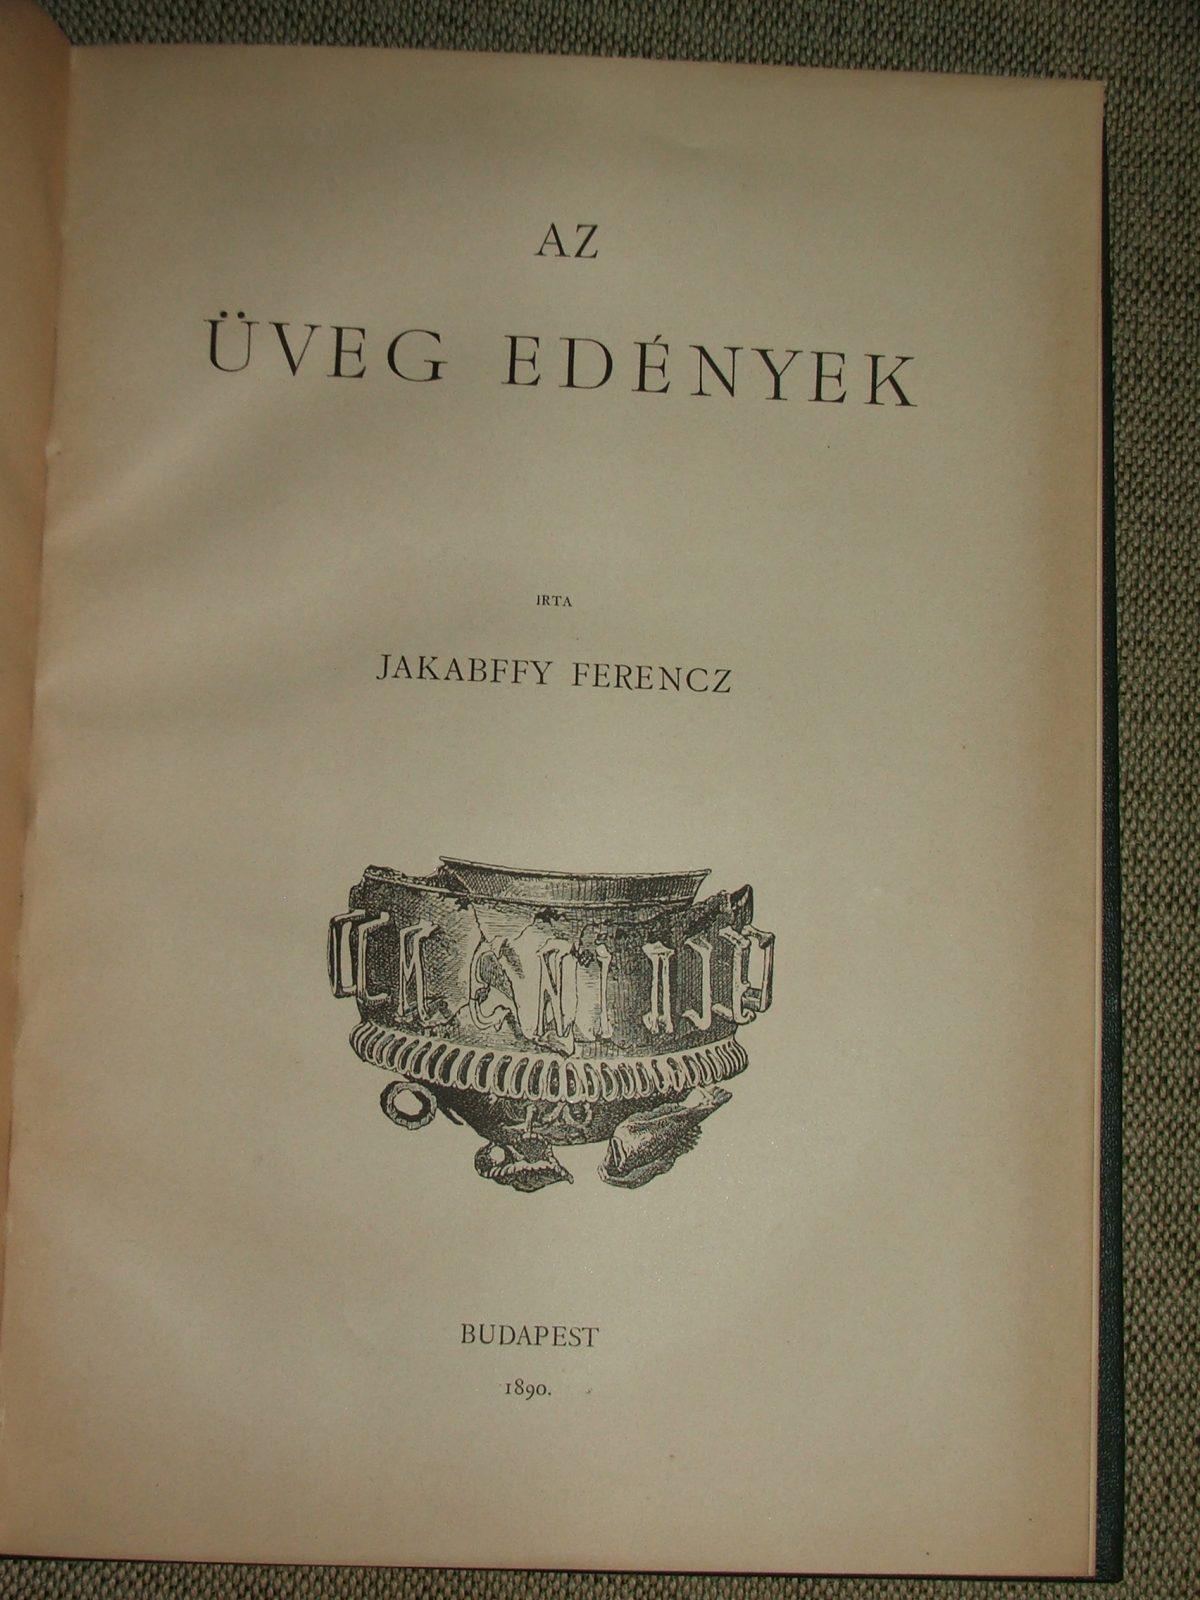 JAKABFFY Ferencz: Az üveg edények